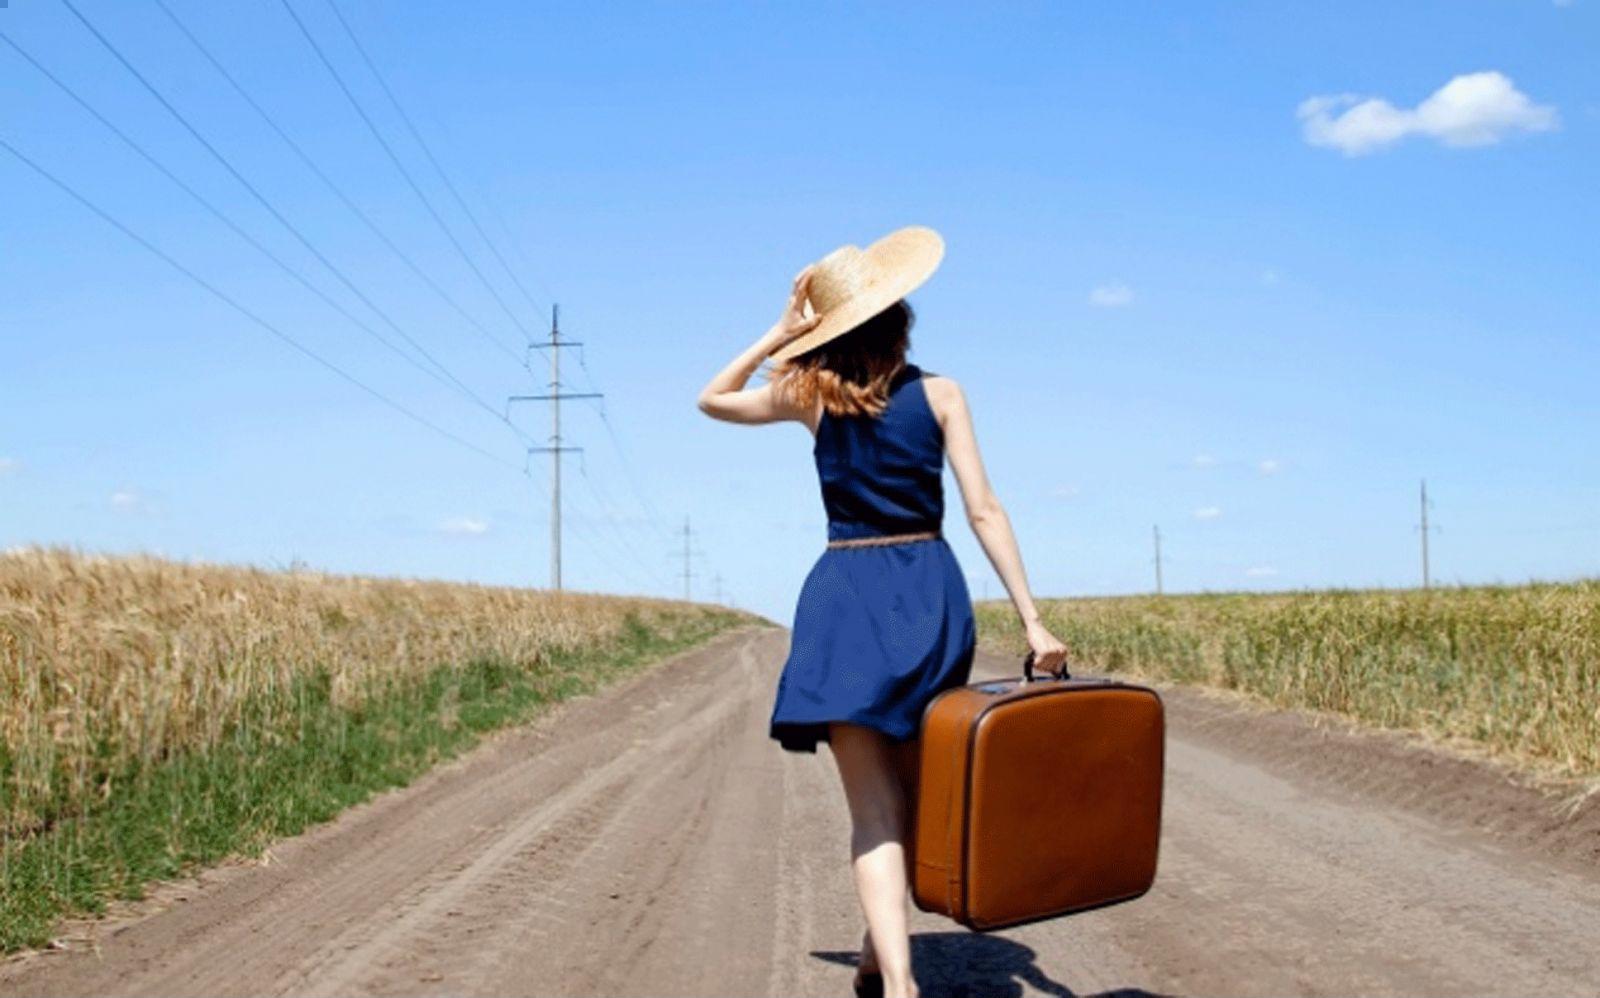 Phải đến năm 40 tuổi, phụ nữ mới lờ mờ nhận ra những điều đơn giản này trong cuộc sống - Ảnh 4